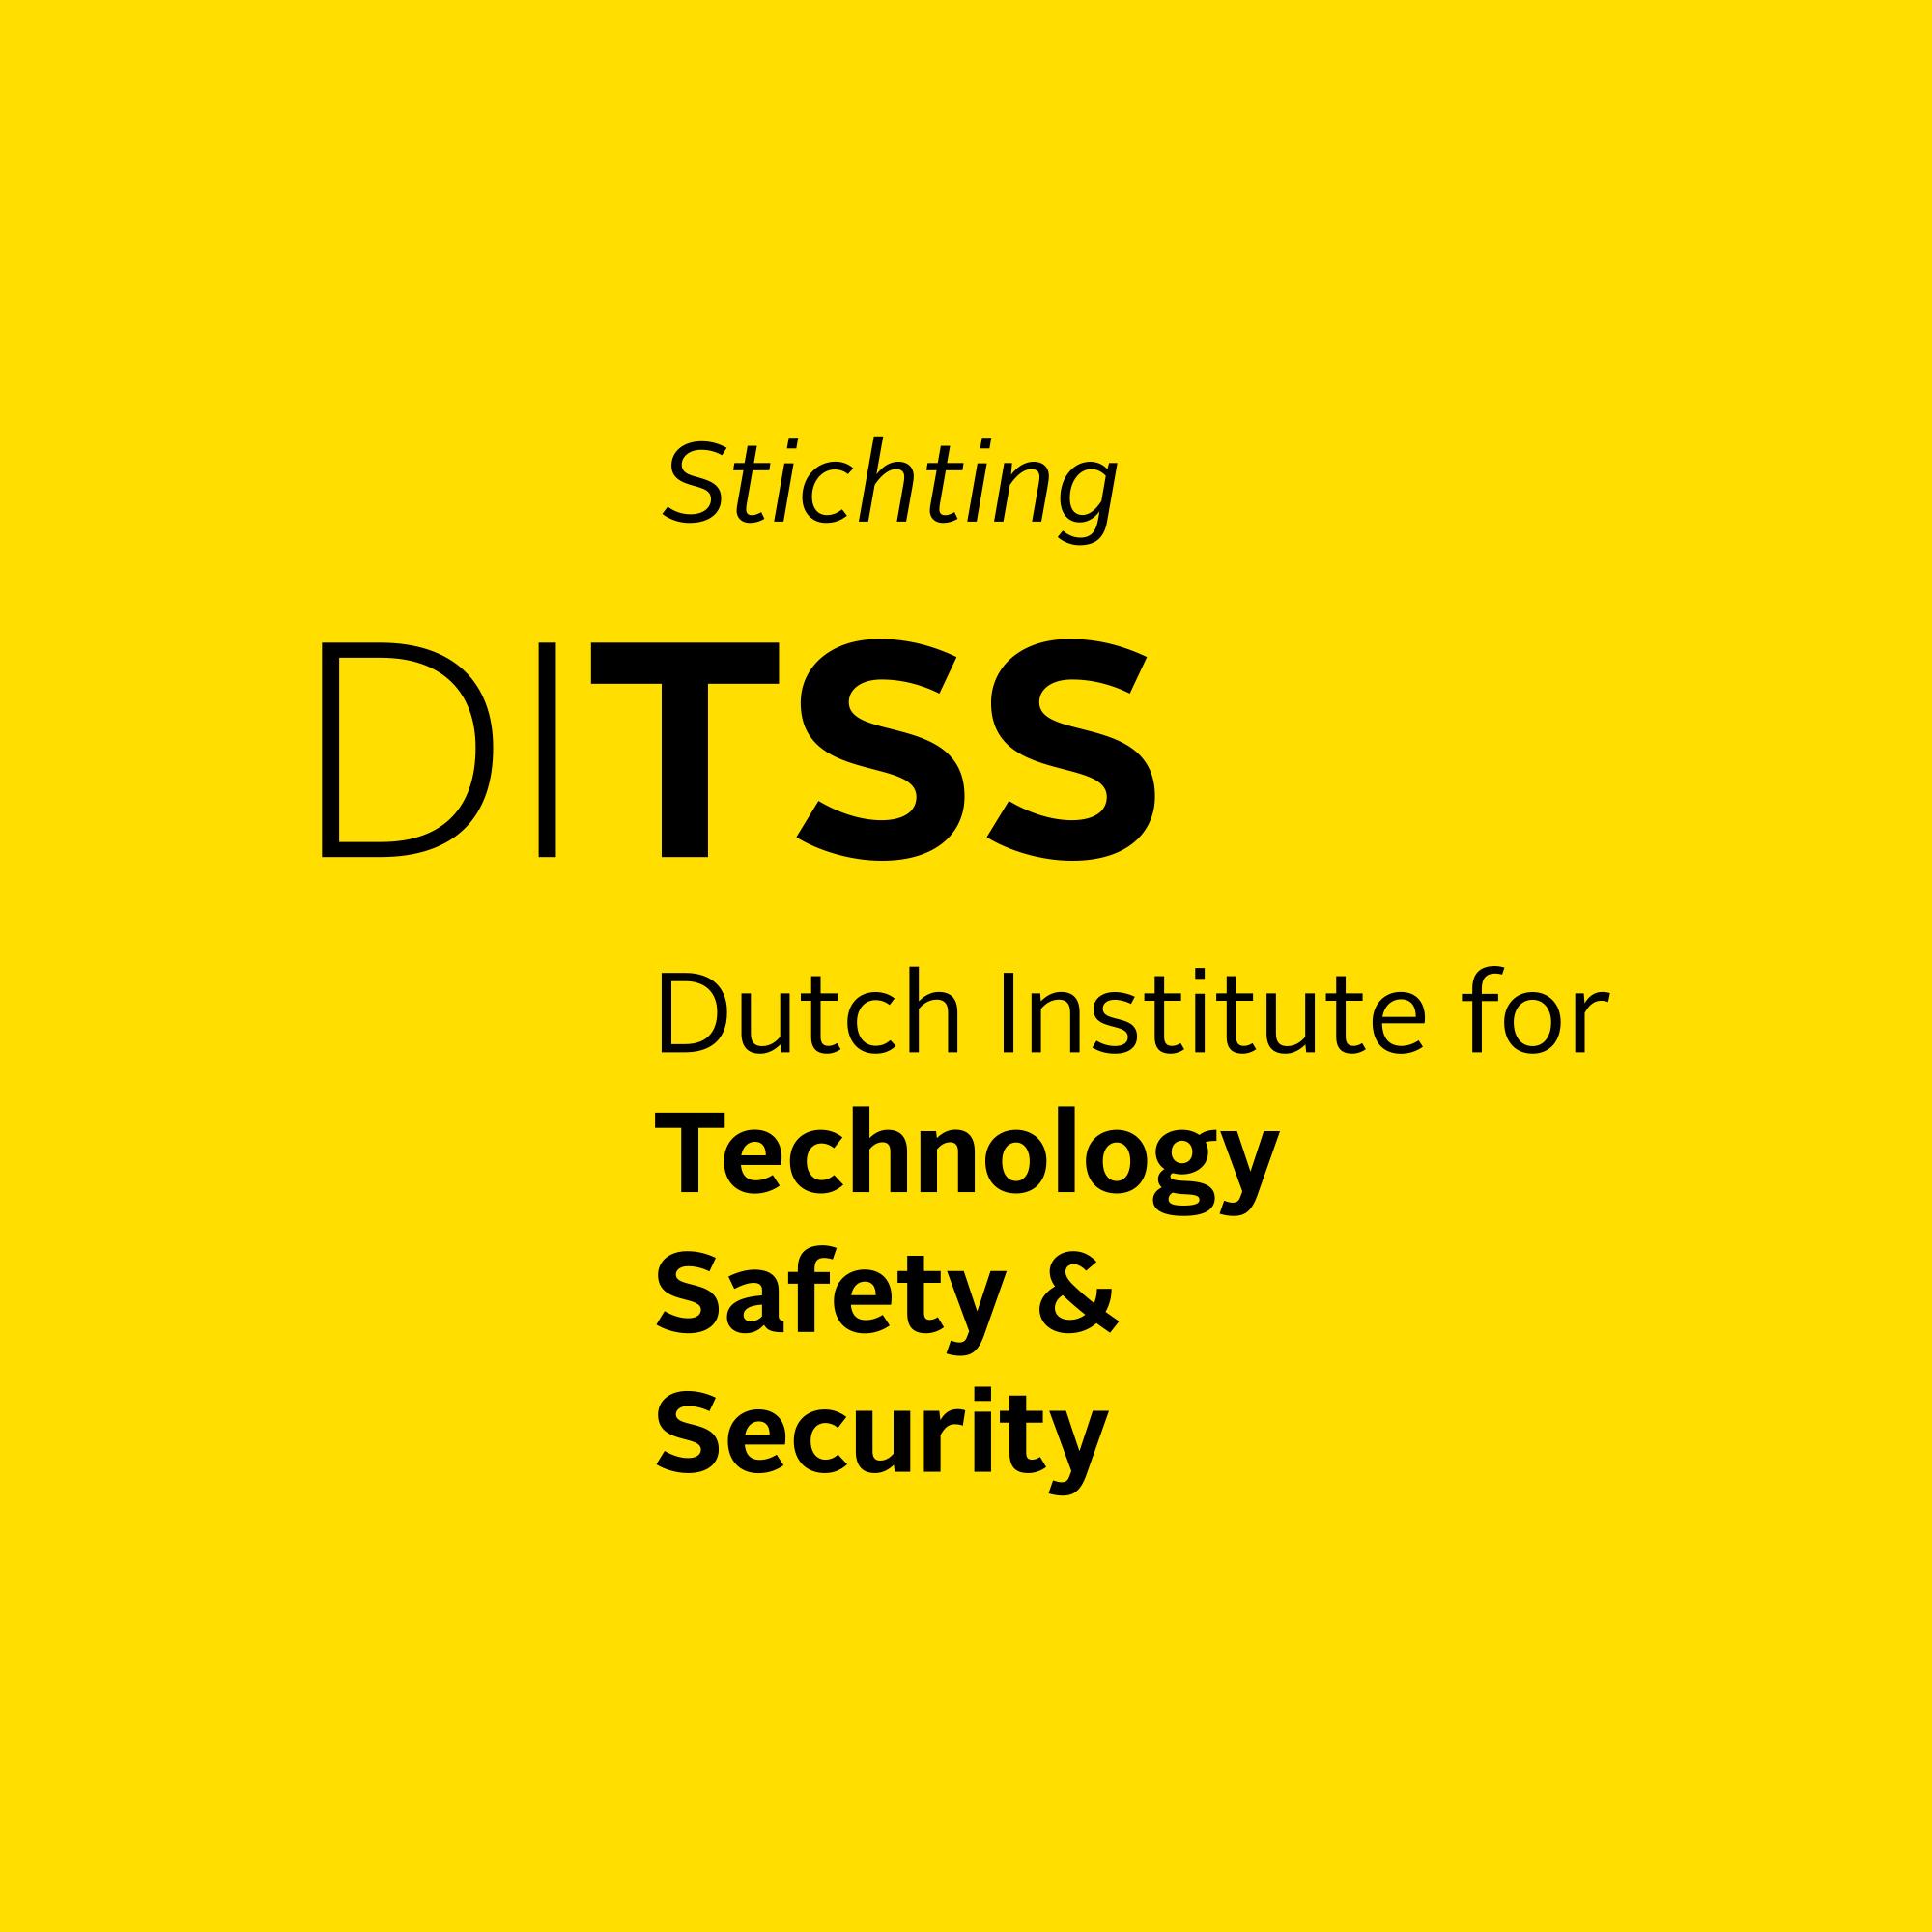 Bezoek website van de Stichting Dutch Institute for Technology, Safety & Security